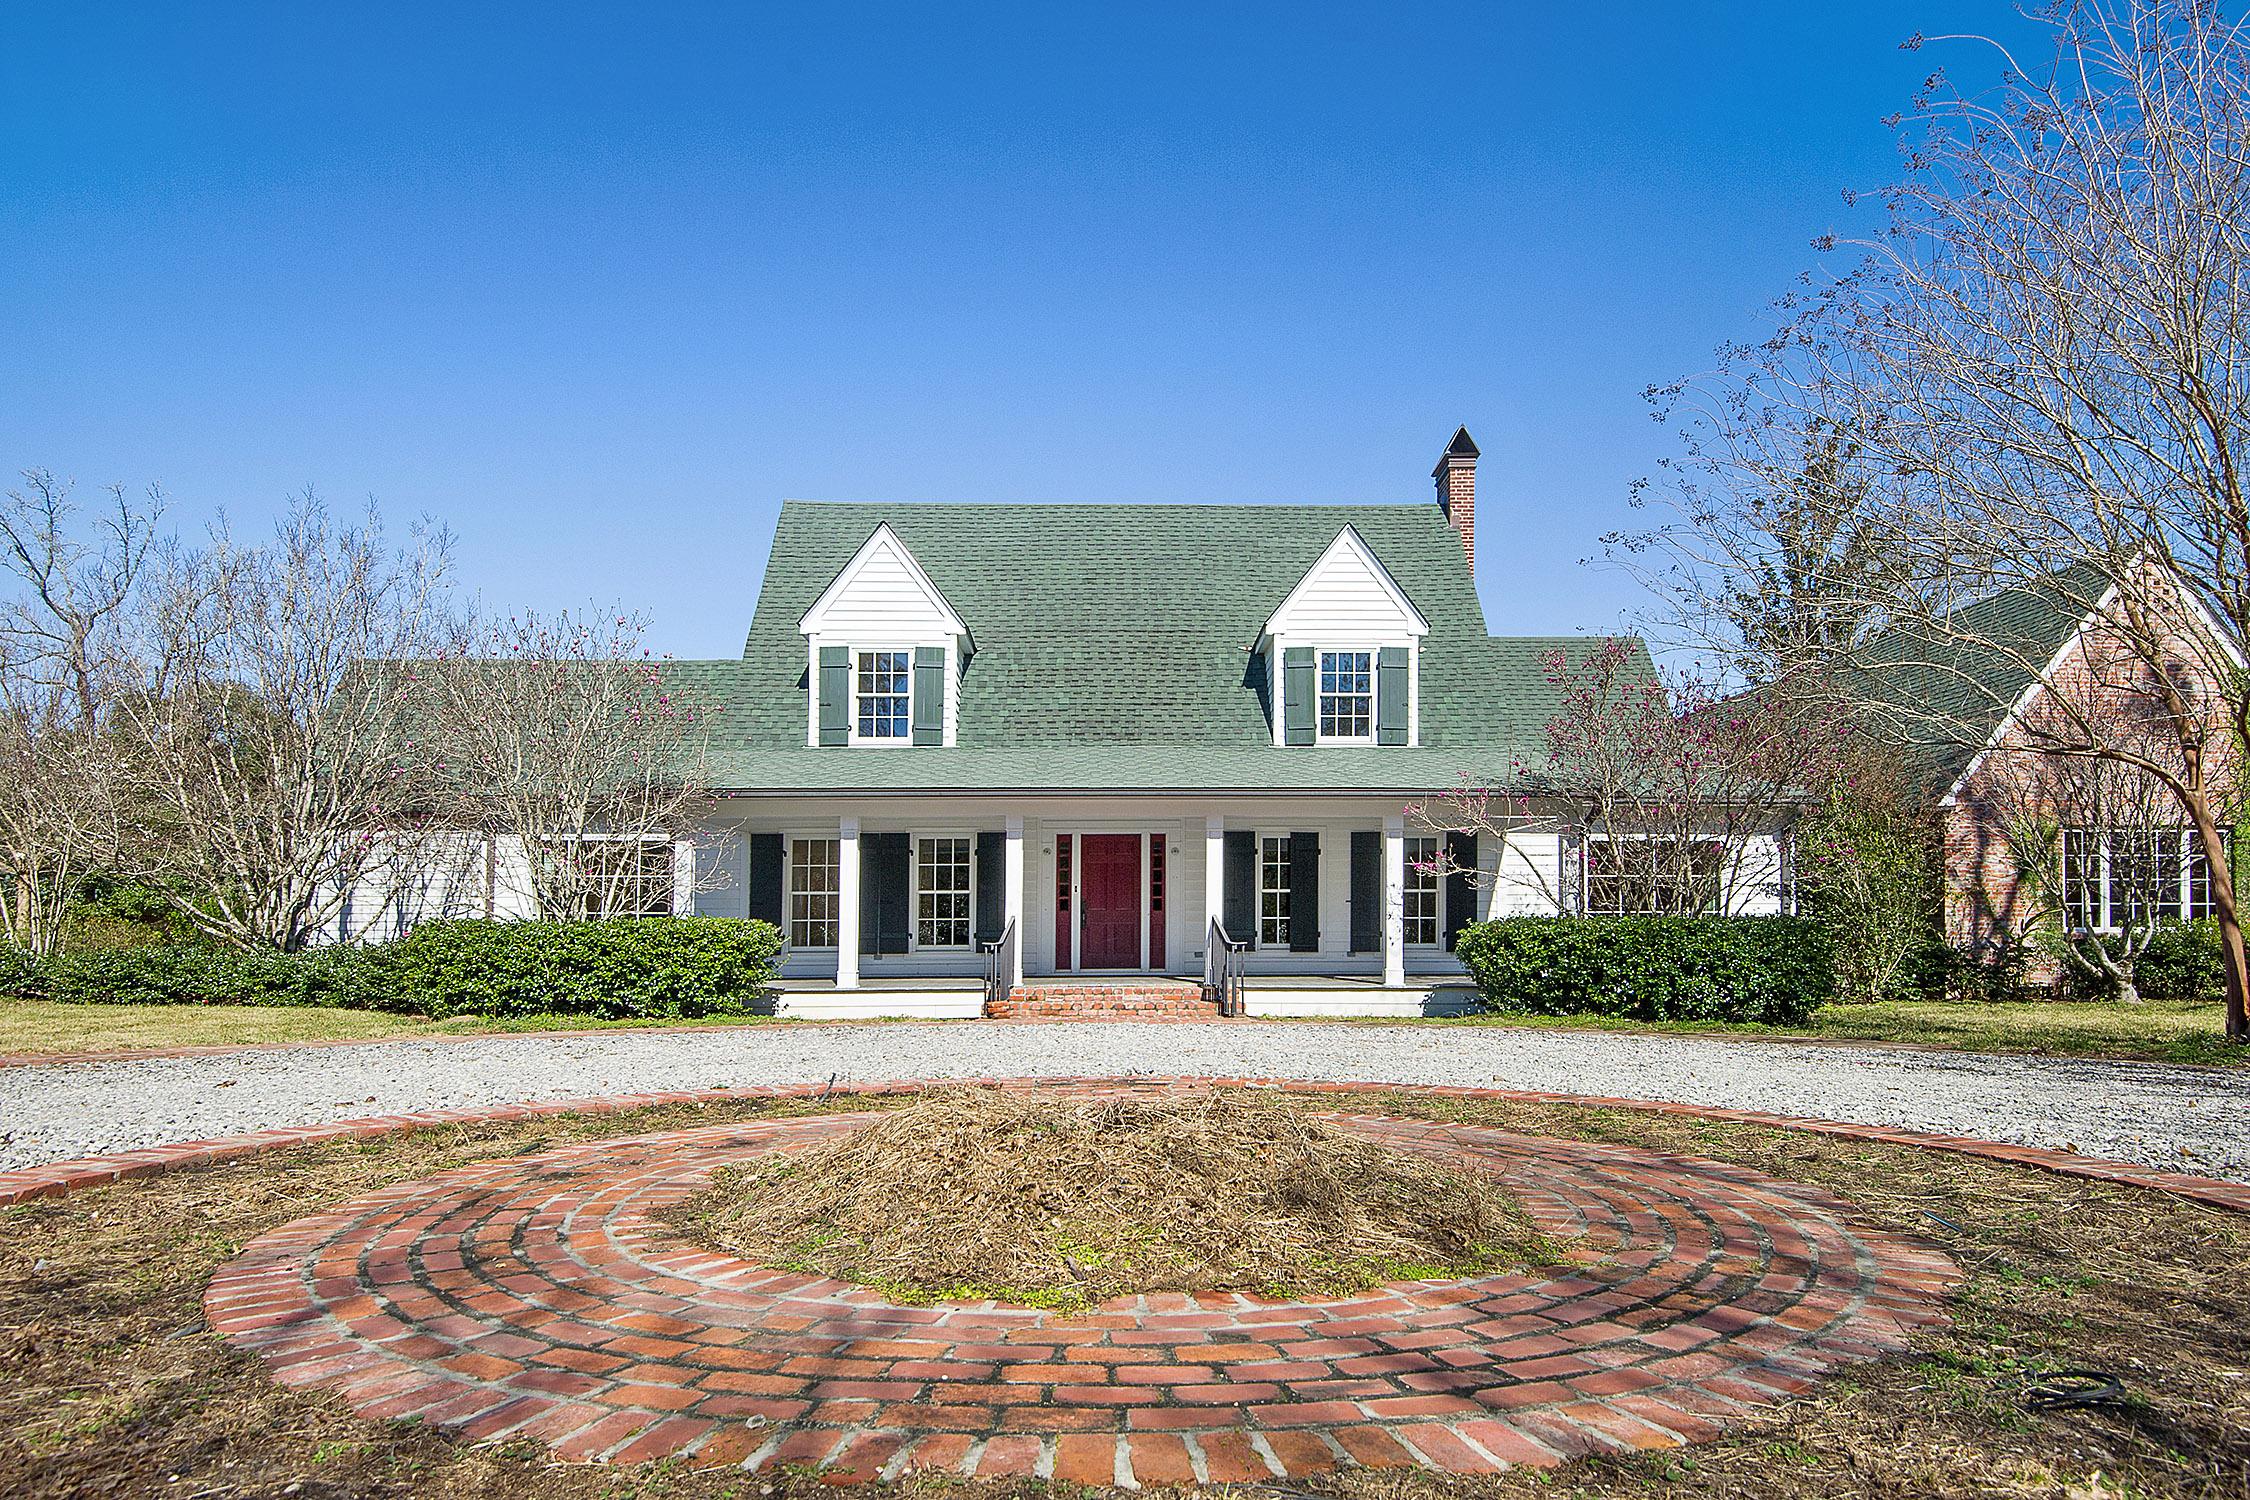 独户住宅 为 销售 在 48095 Highway 16 富兰克林敦, 路易斯安那州, 70438 美国